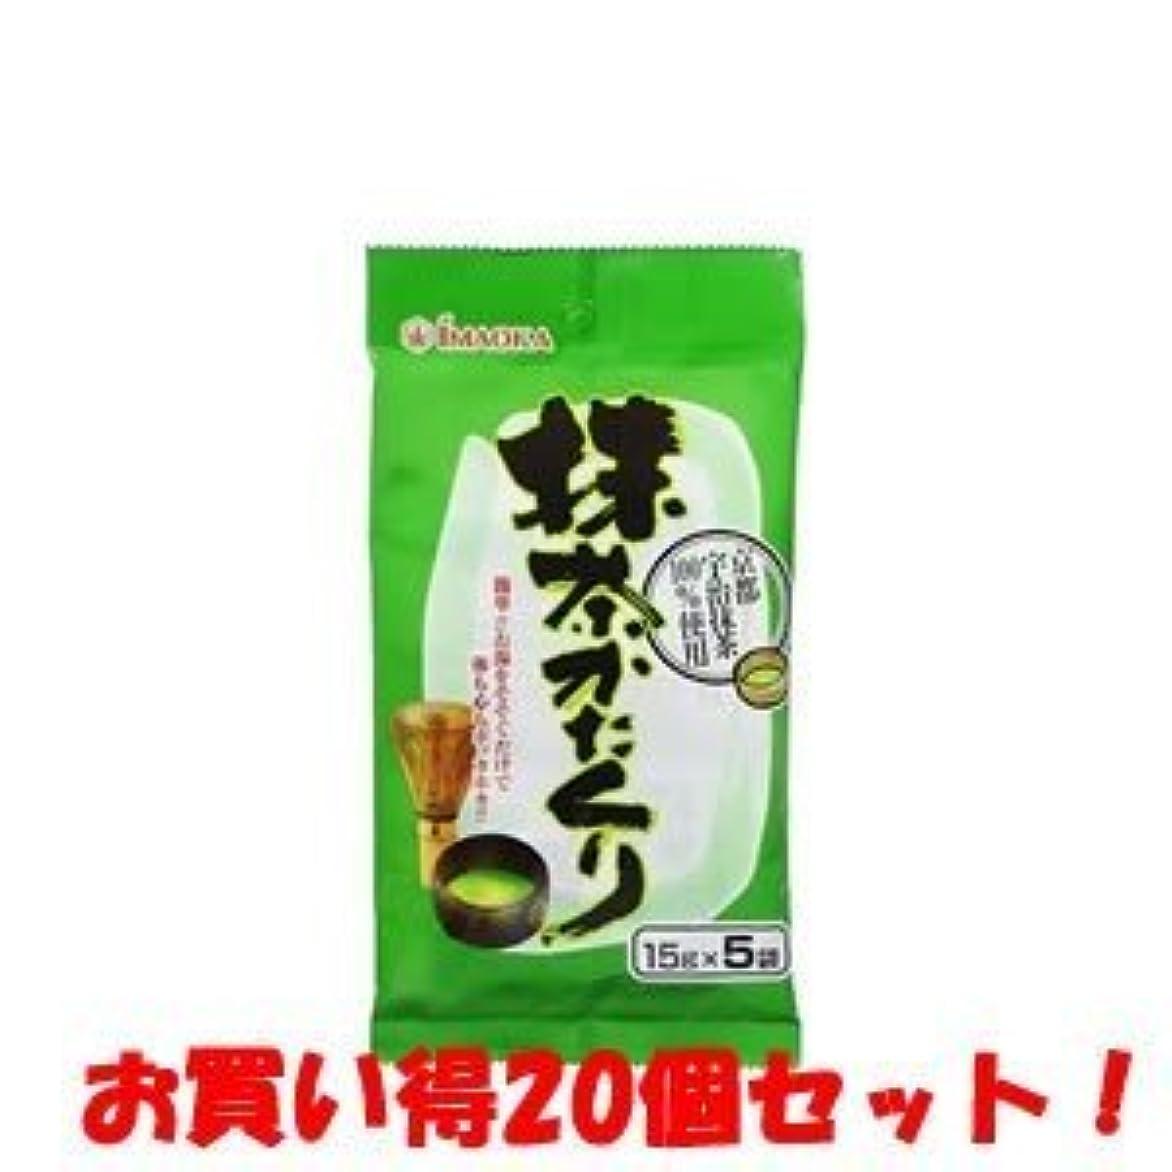 理論スキニー即席(今岡製菓)抹茶かたくり 15g×5袋(お買い得20個セット)